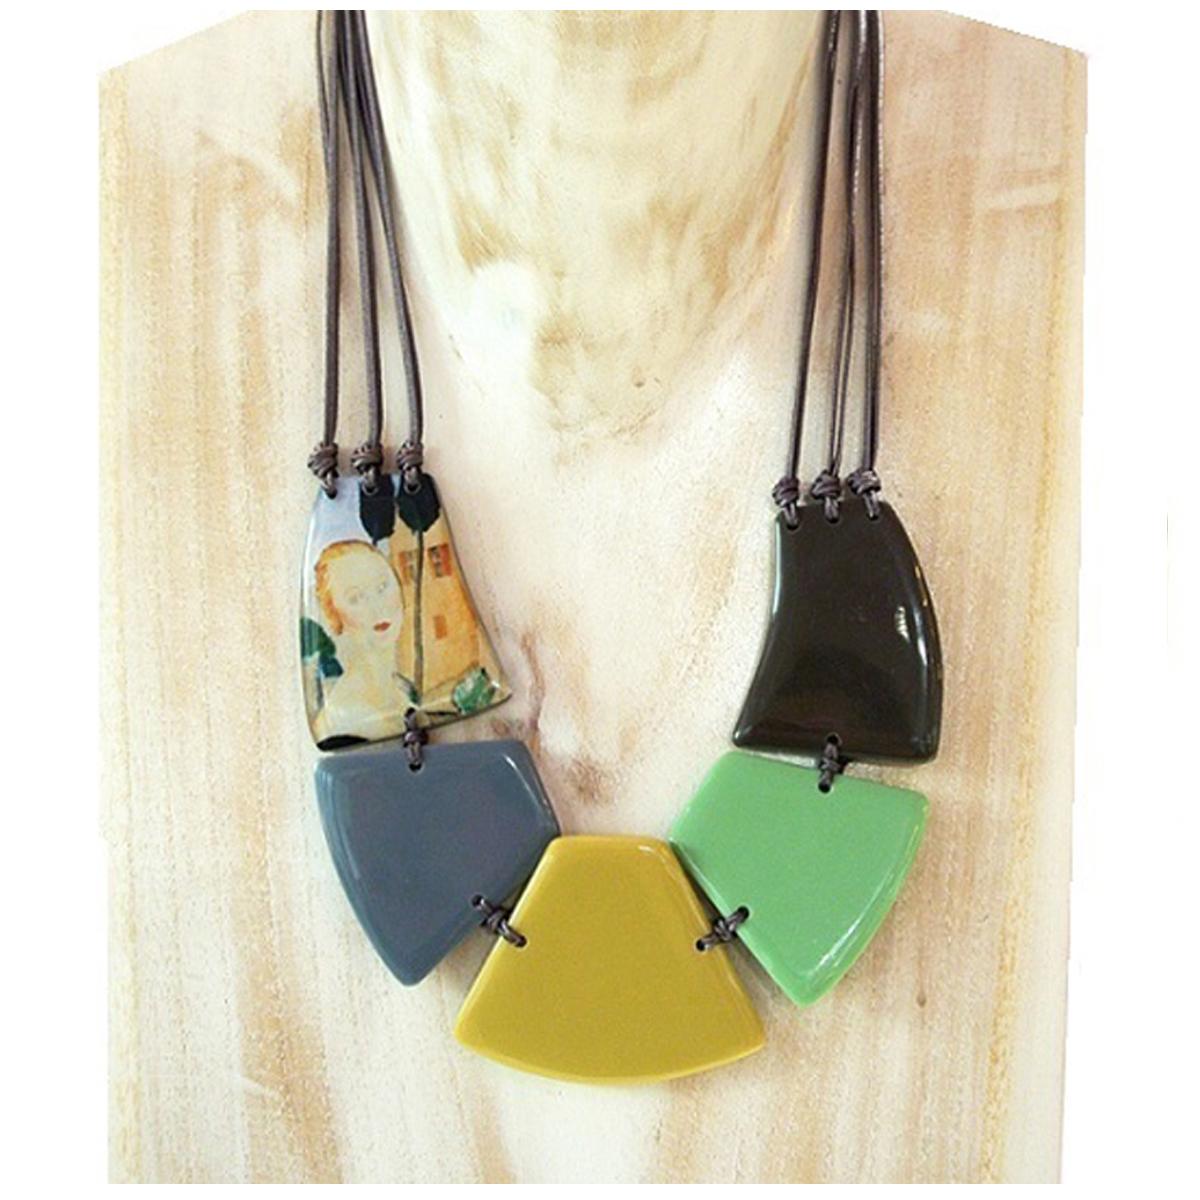 Collier artisanal \'Mistinguette\' vert - 5 cm - [R4270]